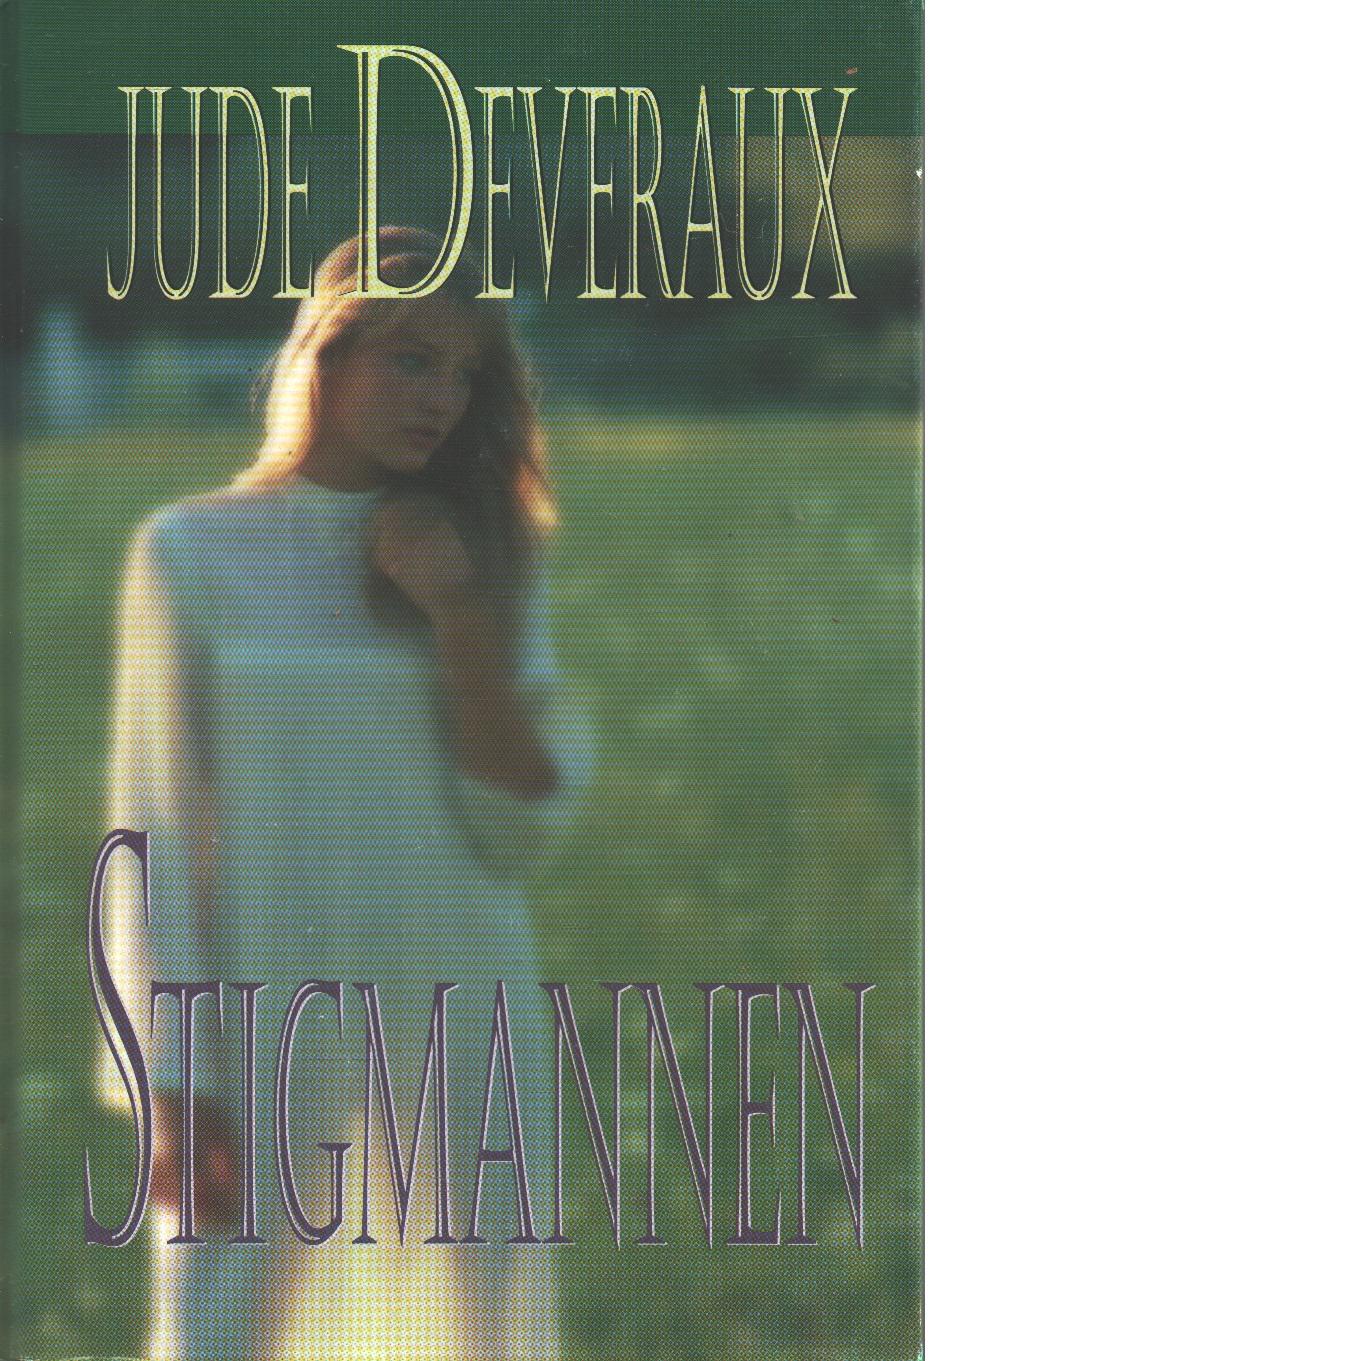 Stigmannen - Deveraux, Jude